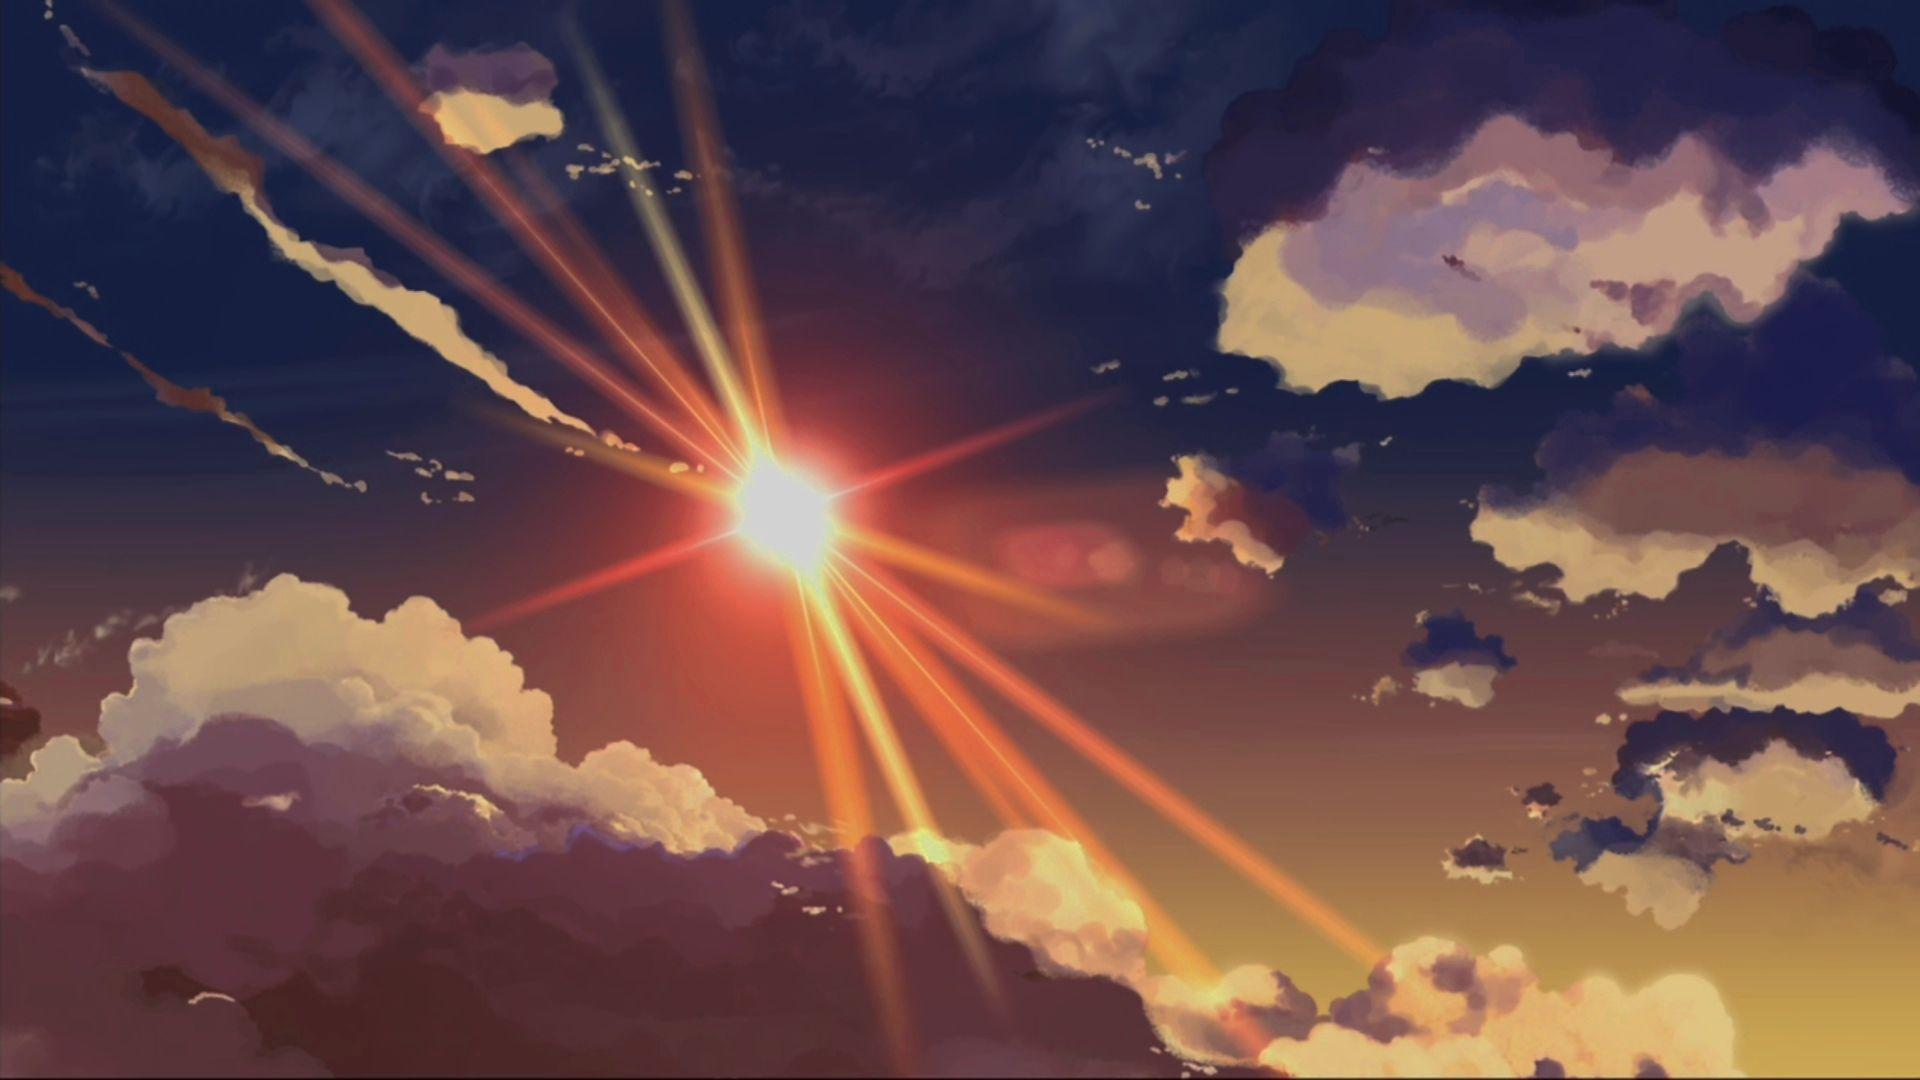 Anime Scenery Wallpaper Langit